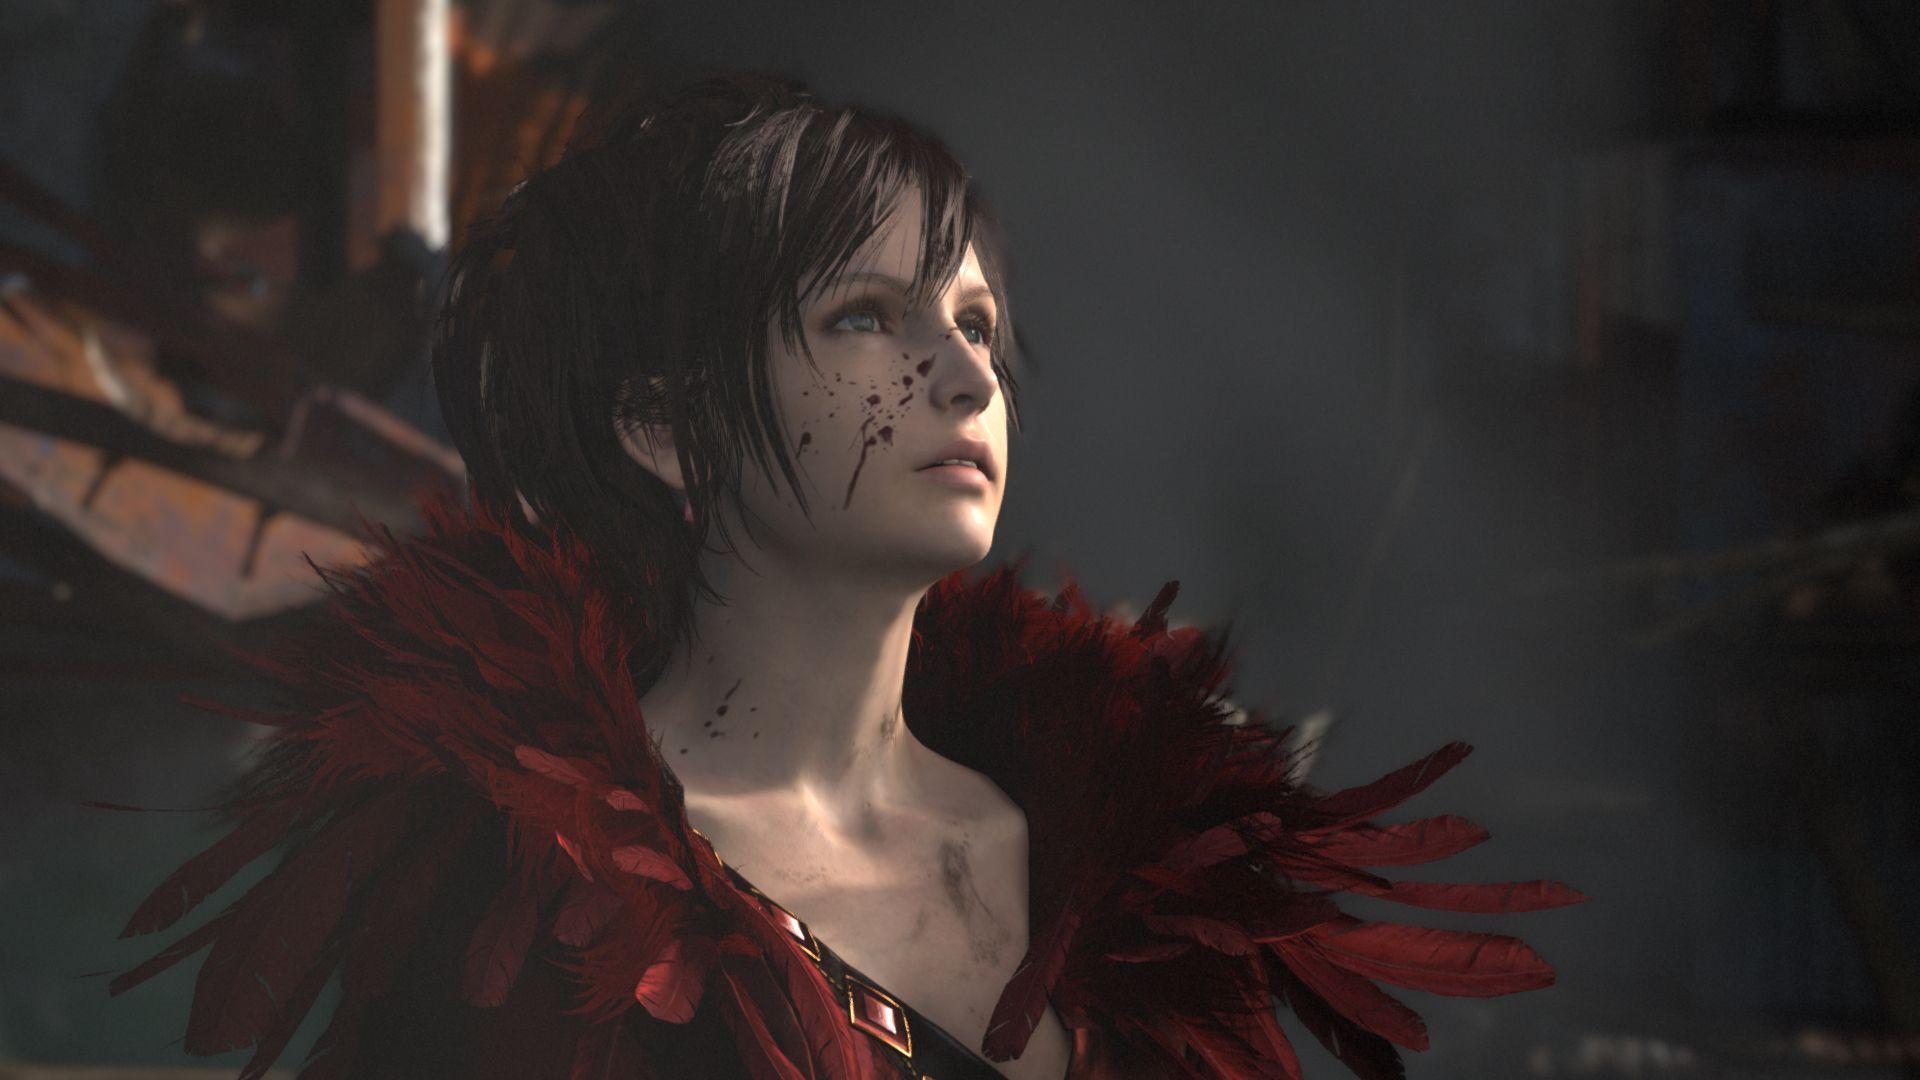 Игры, похожие на Final Fantasy на ПК и консолях